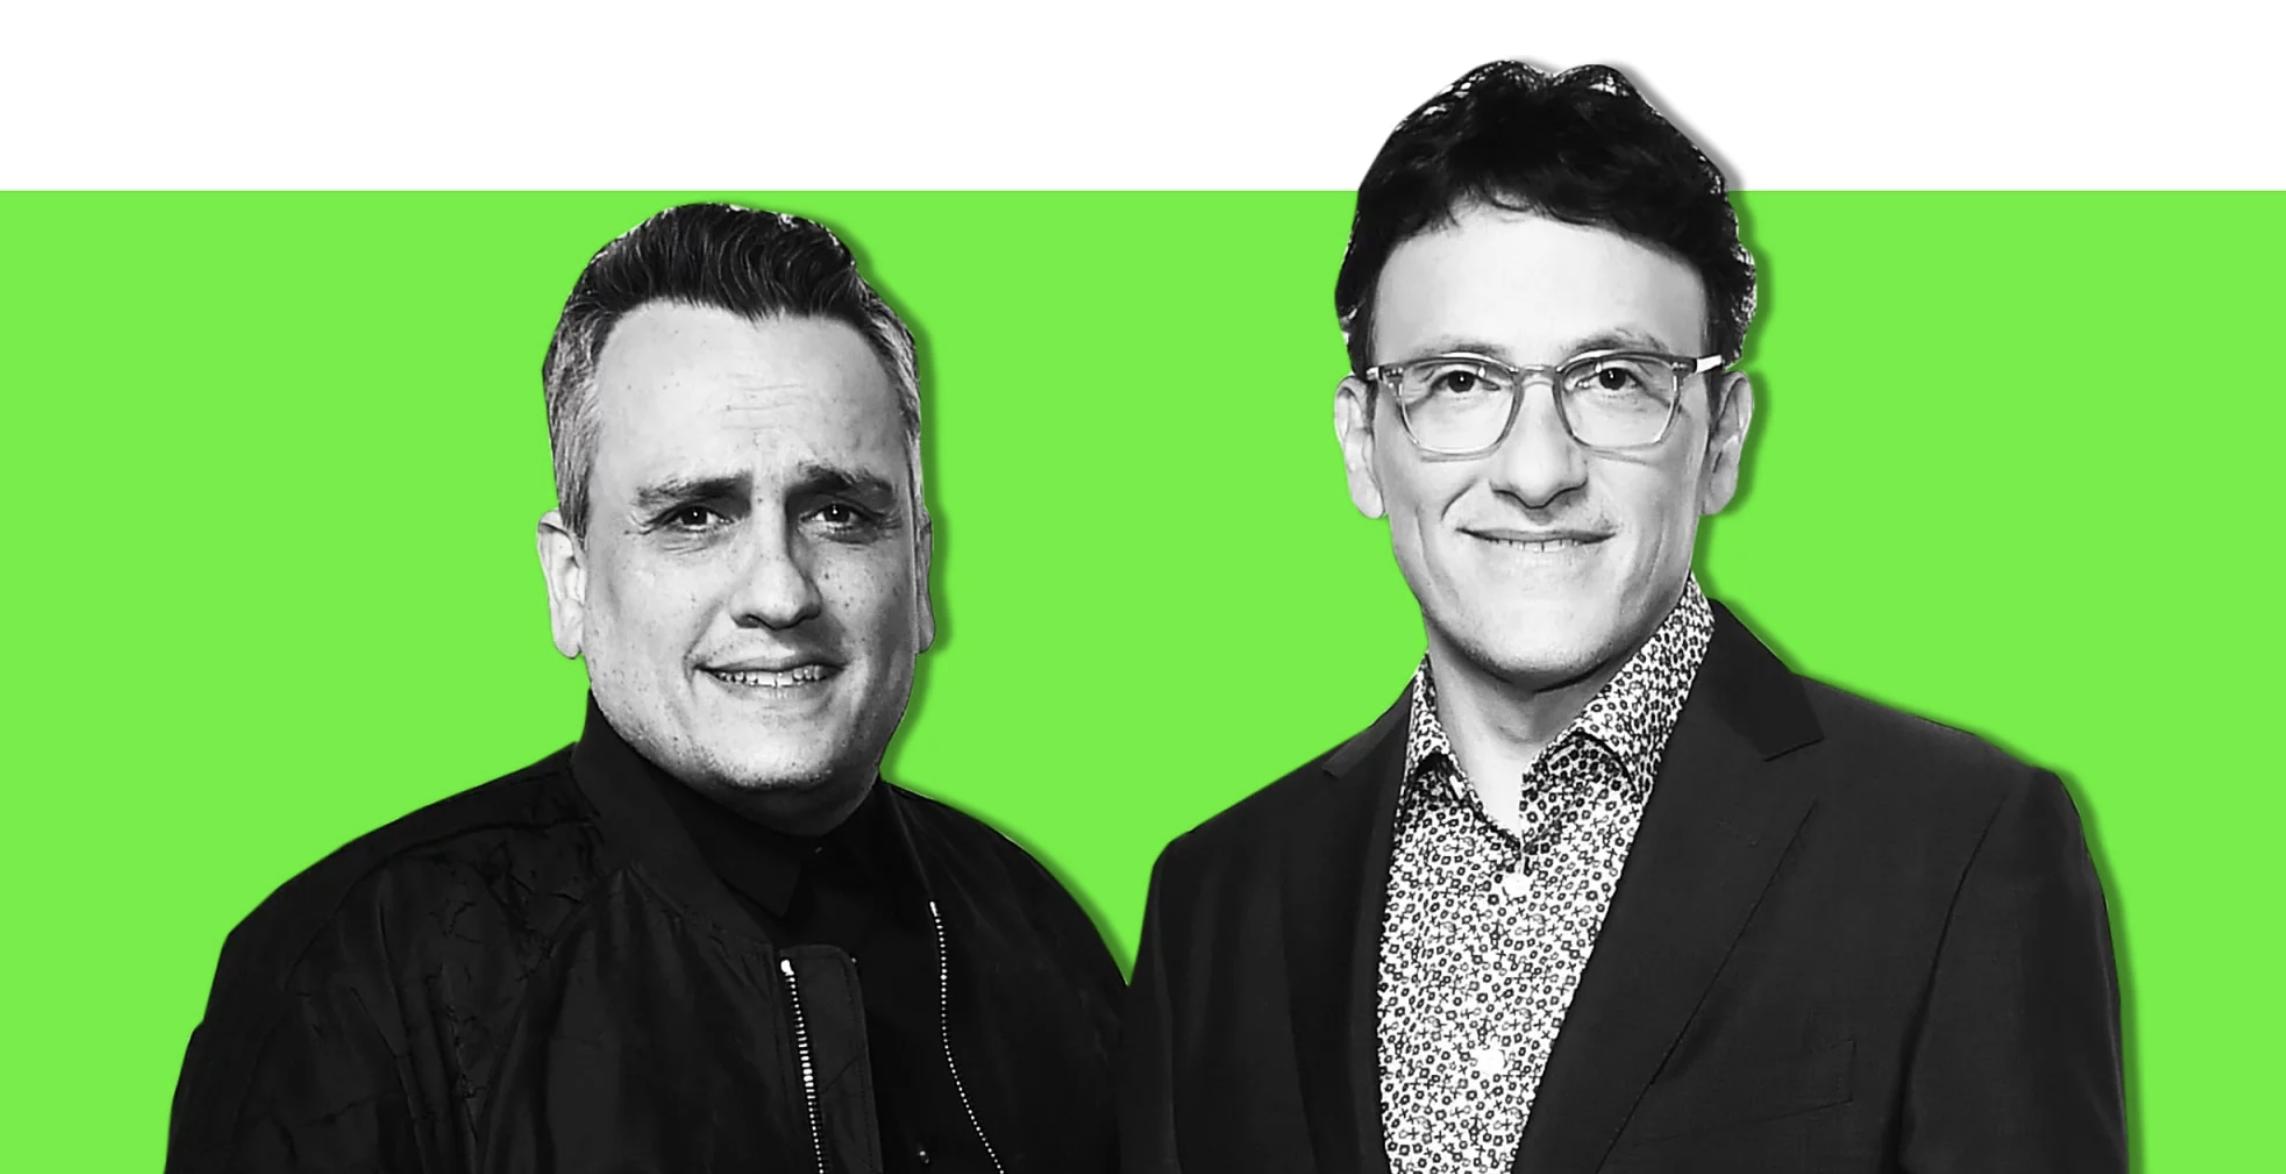 'Avengers: Endgame' Directors Weigh In On Martin Scorsese's 'Absurd' Marvel Stance